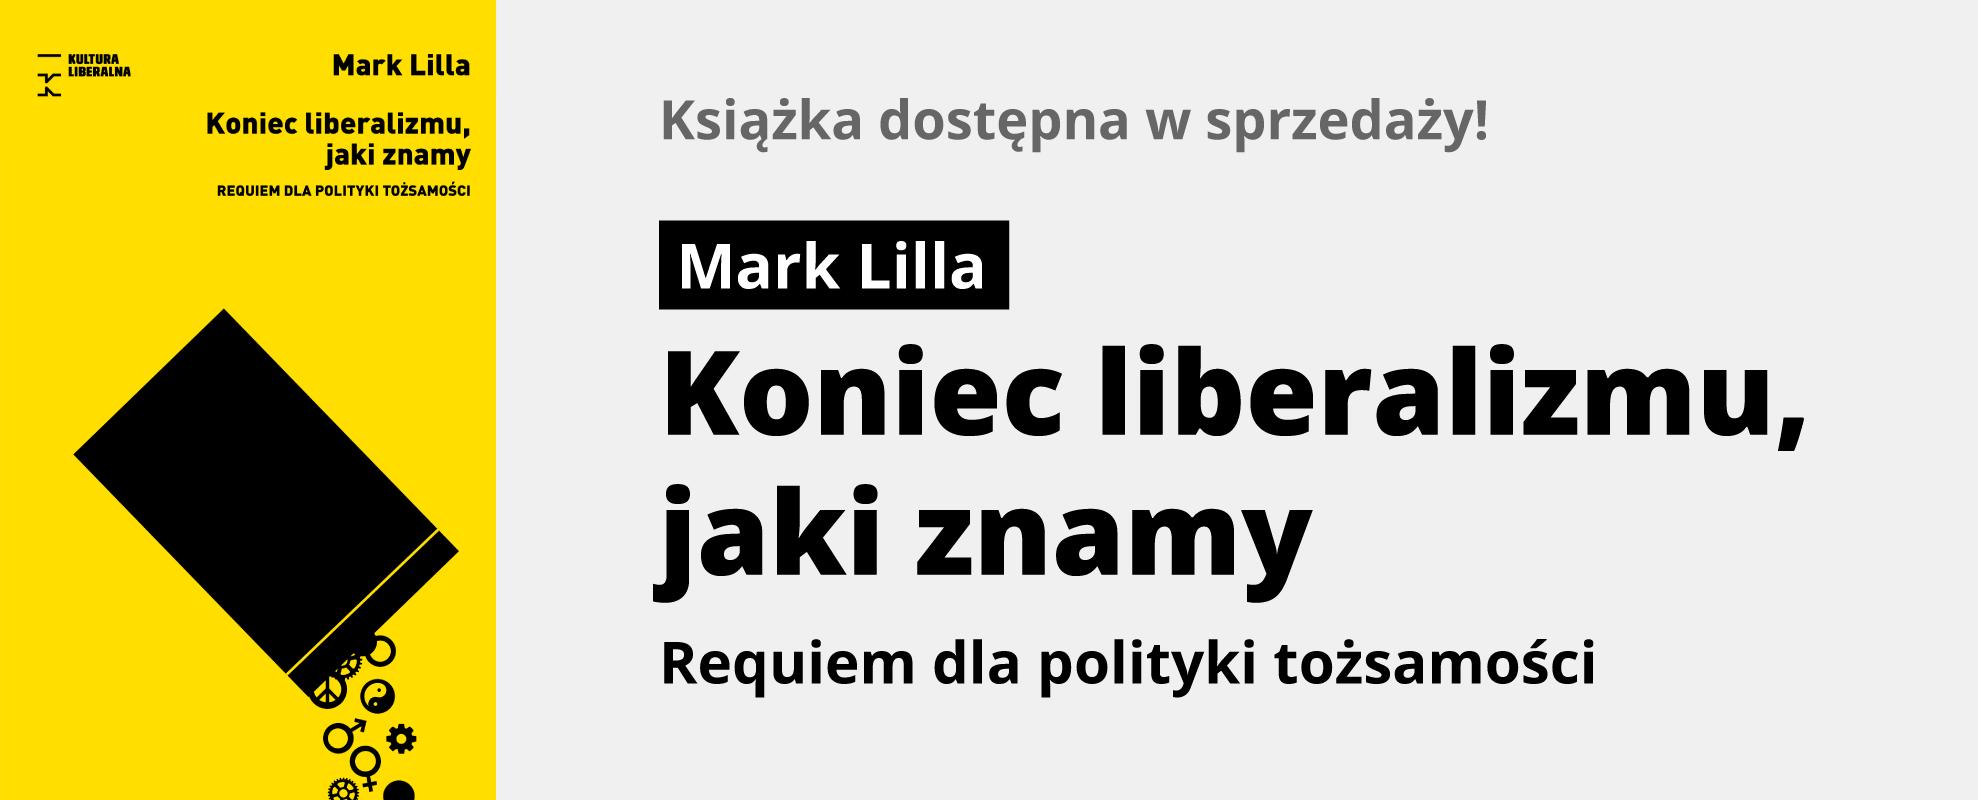 Wydawnictwo Kultury Liberalnej